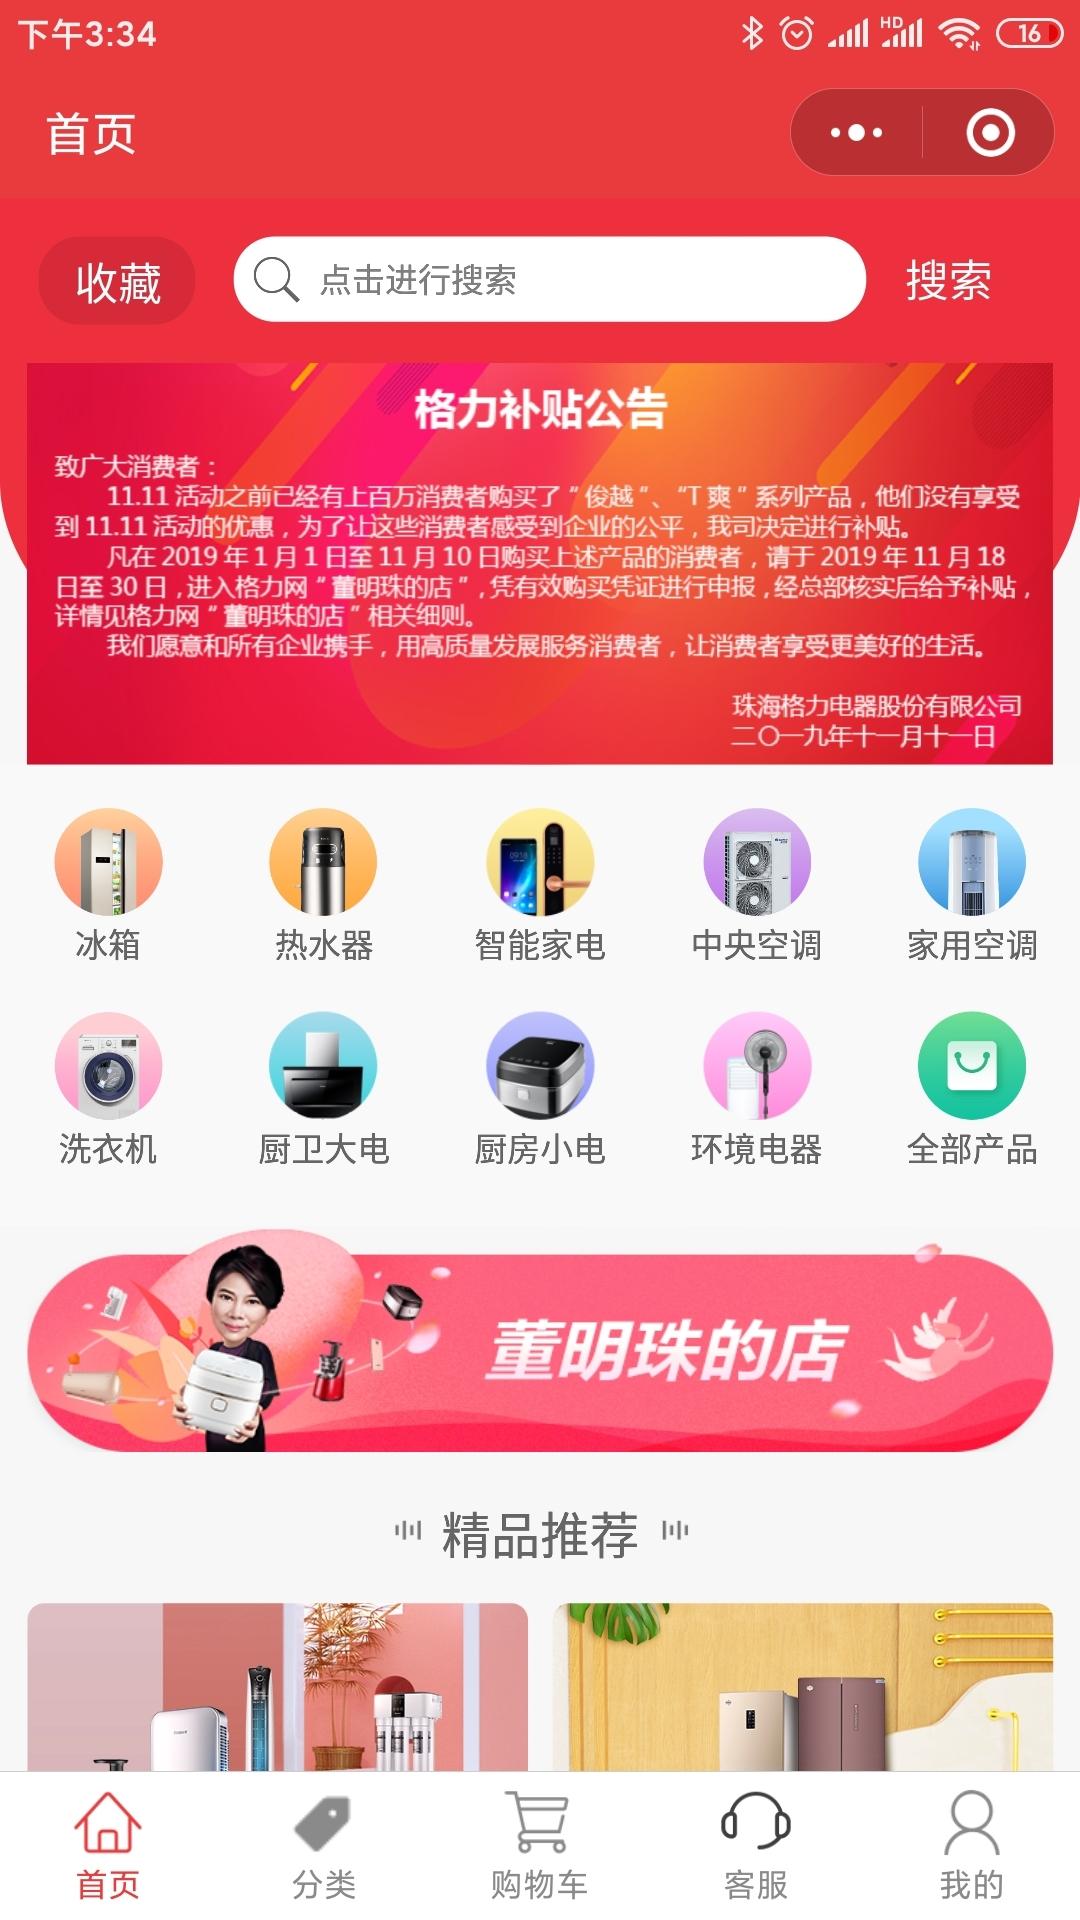 """送彩金活动app-出真招 动真格 义乌多部门联合亮剑""""保健""""市场乱象"""